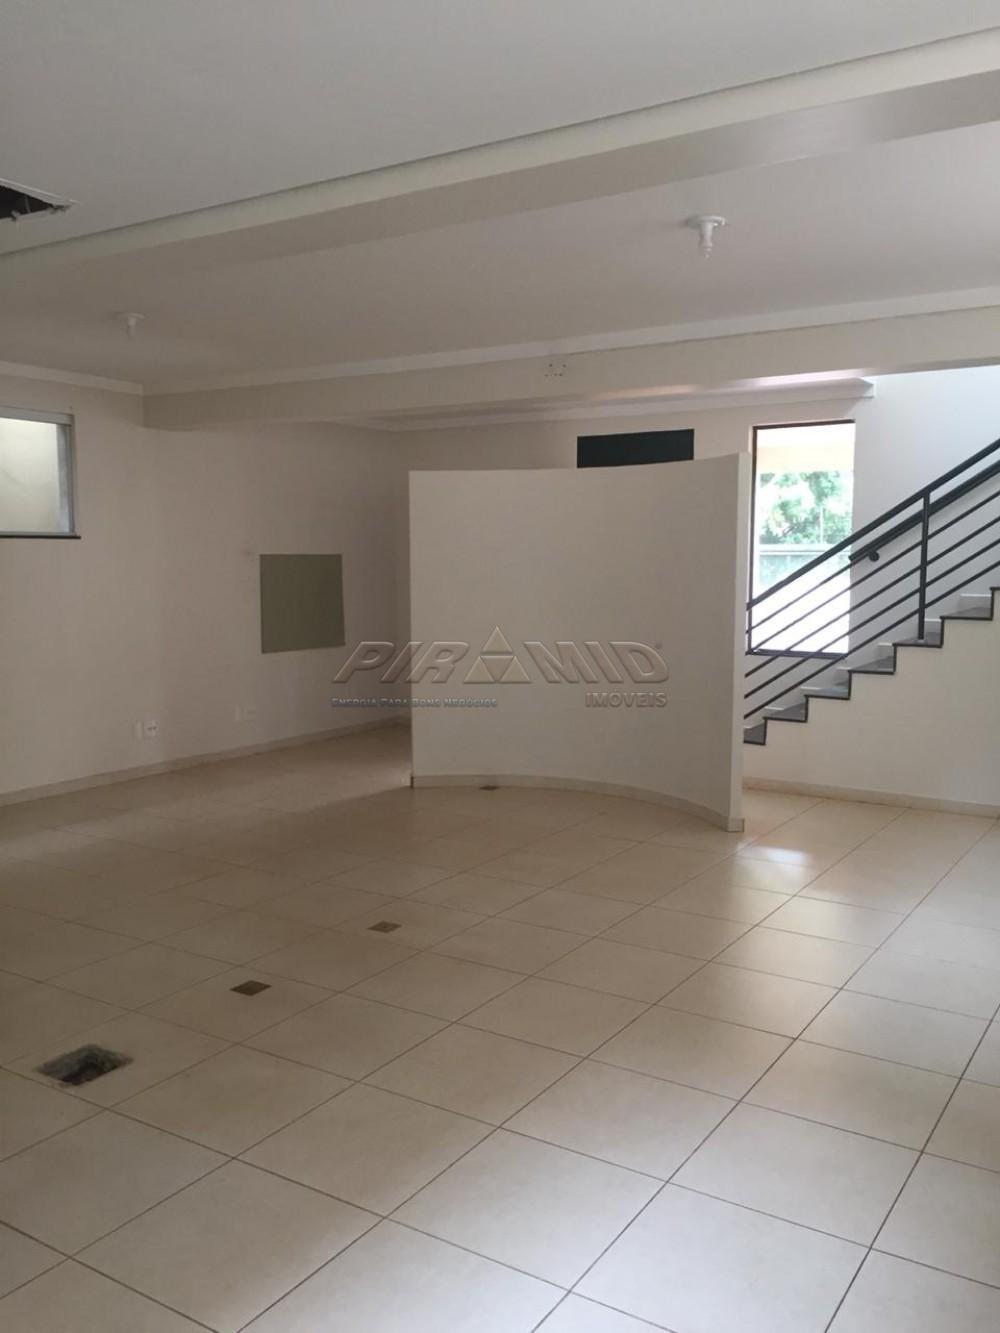 Comprar Casa / Padrão em Ribeirão Preto apenas R$ 1.000.000,00 - Foto 3